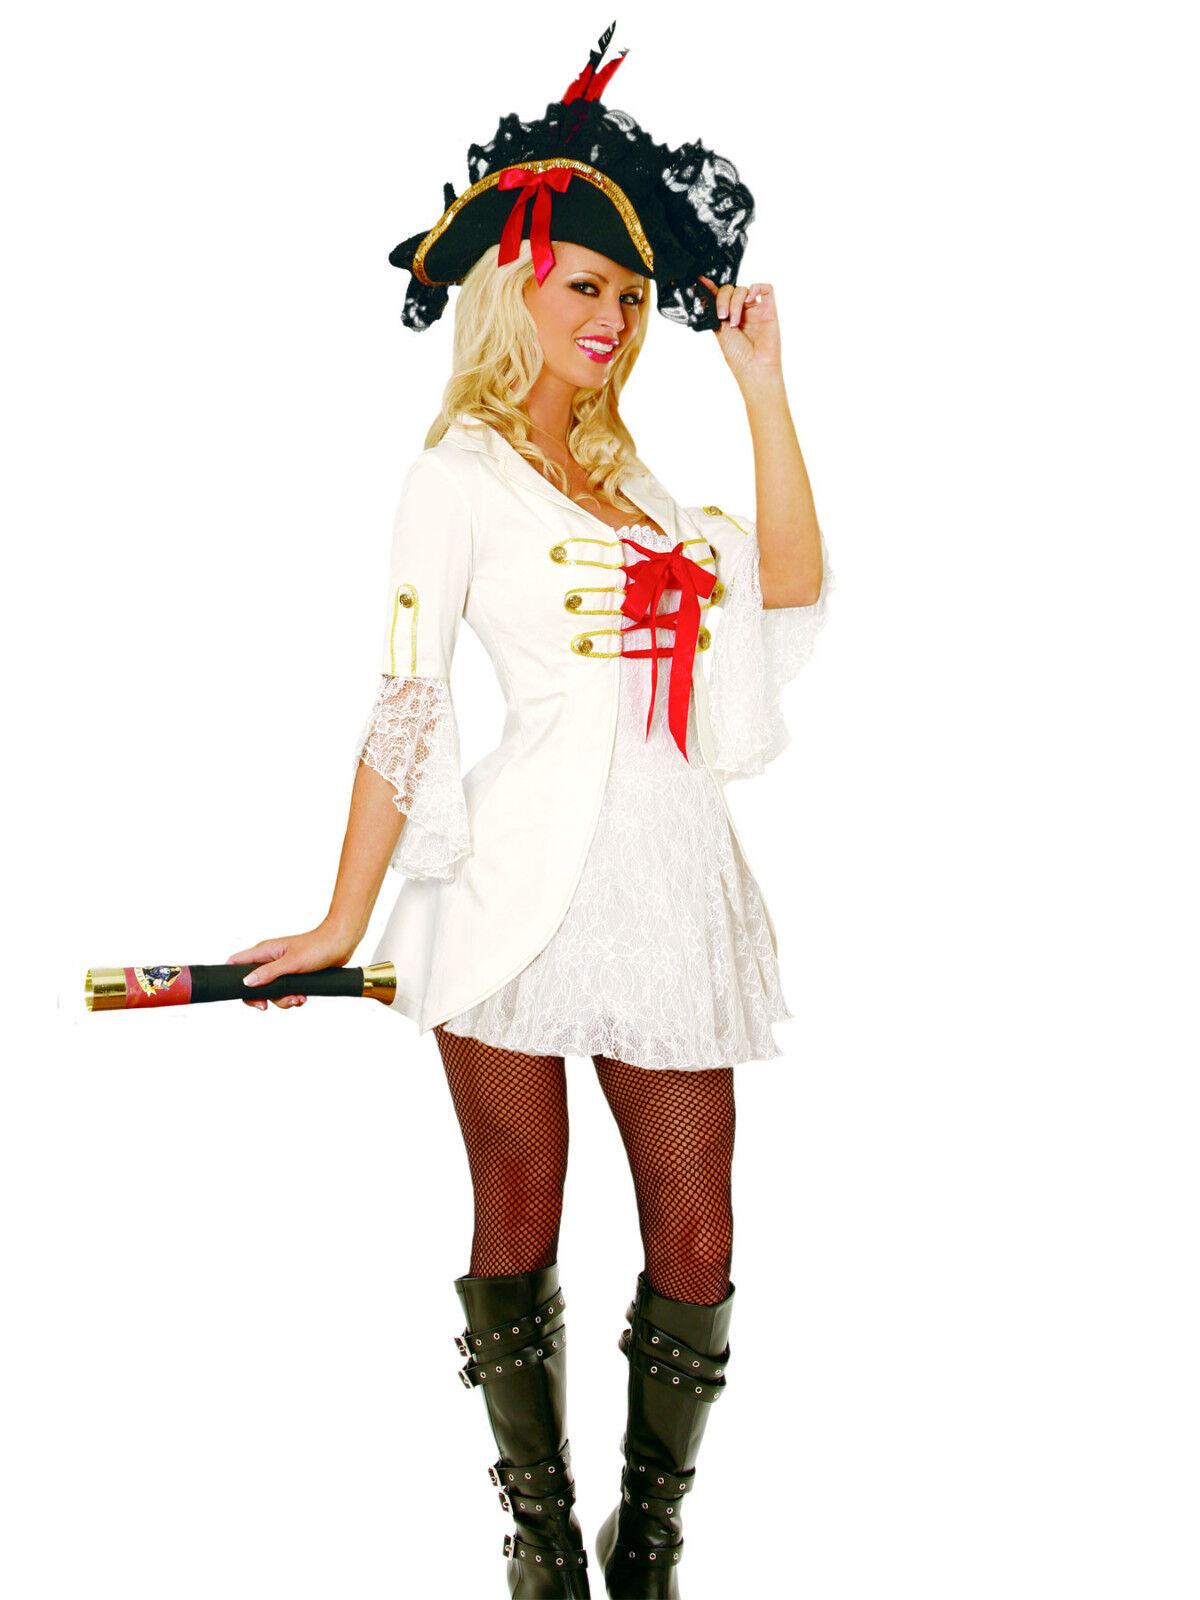 Halloween Costume Girls Petite Pirate Small or Medium New